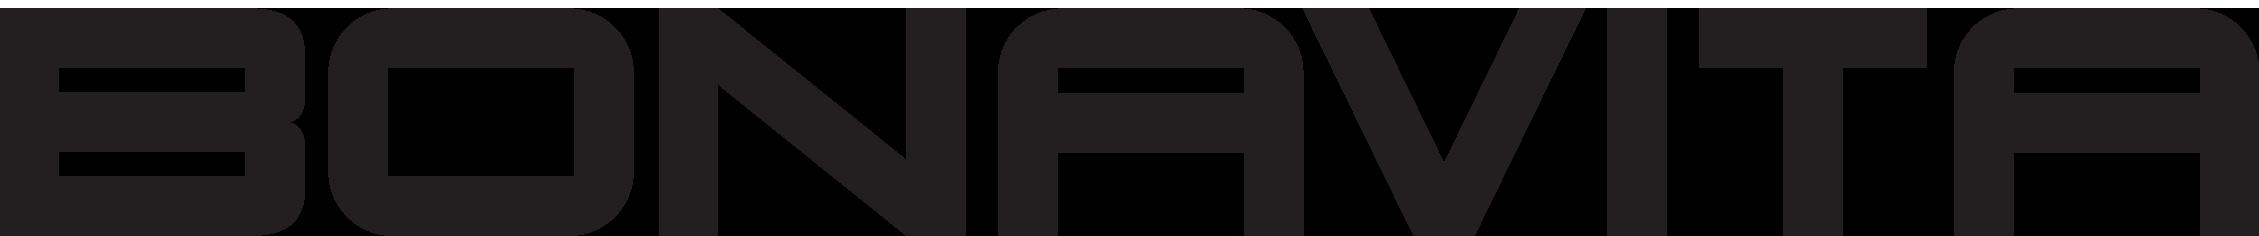 logo_bonavita srl